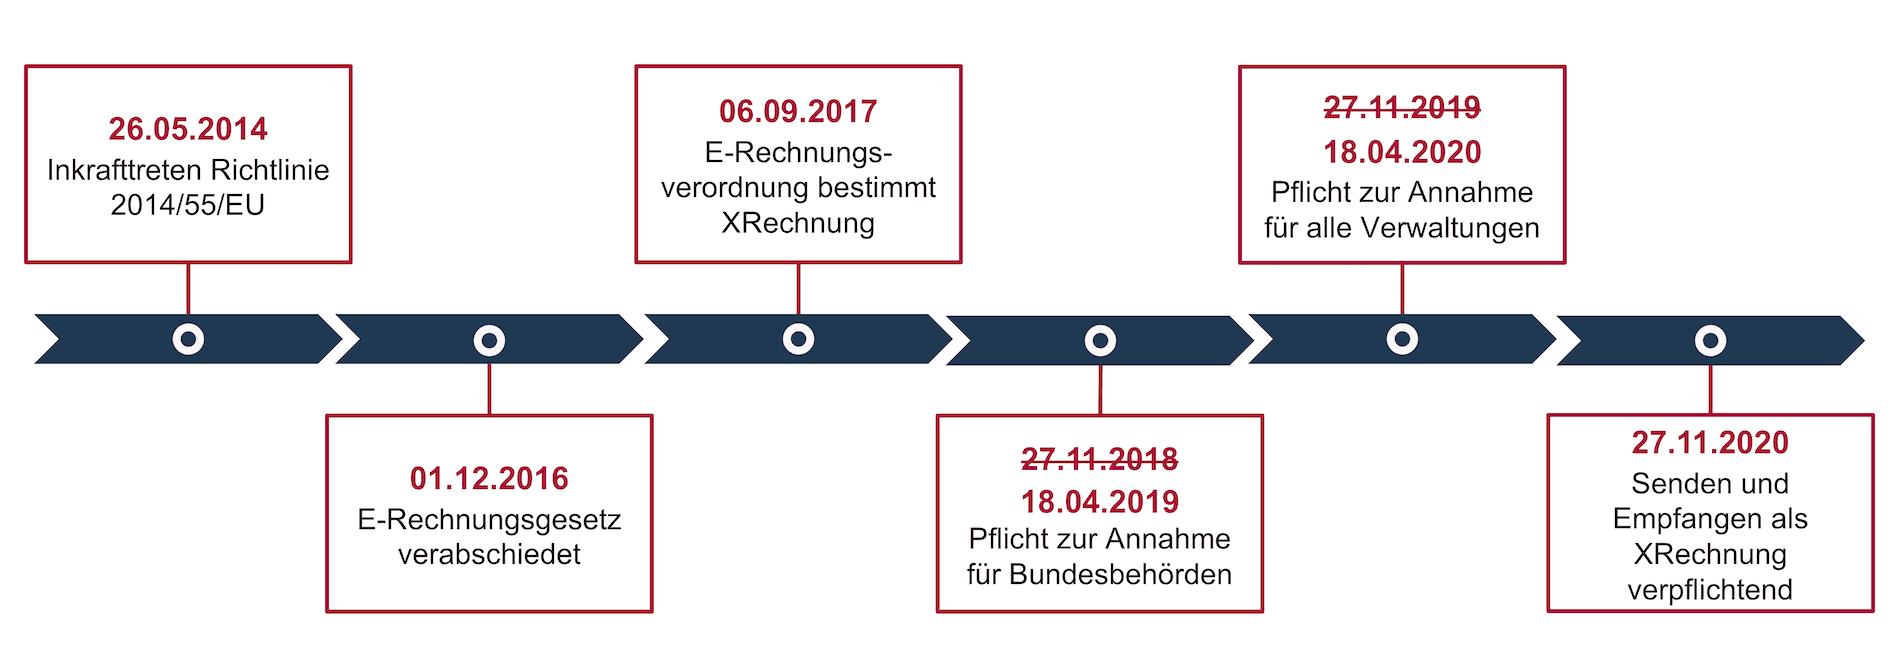 Wichtige Meilensteine der e-Rechnung in Deutschland